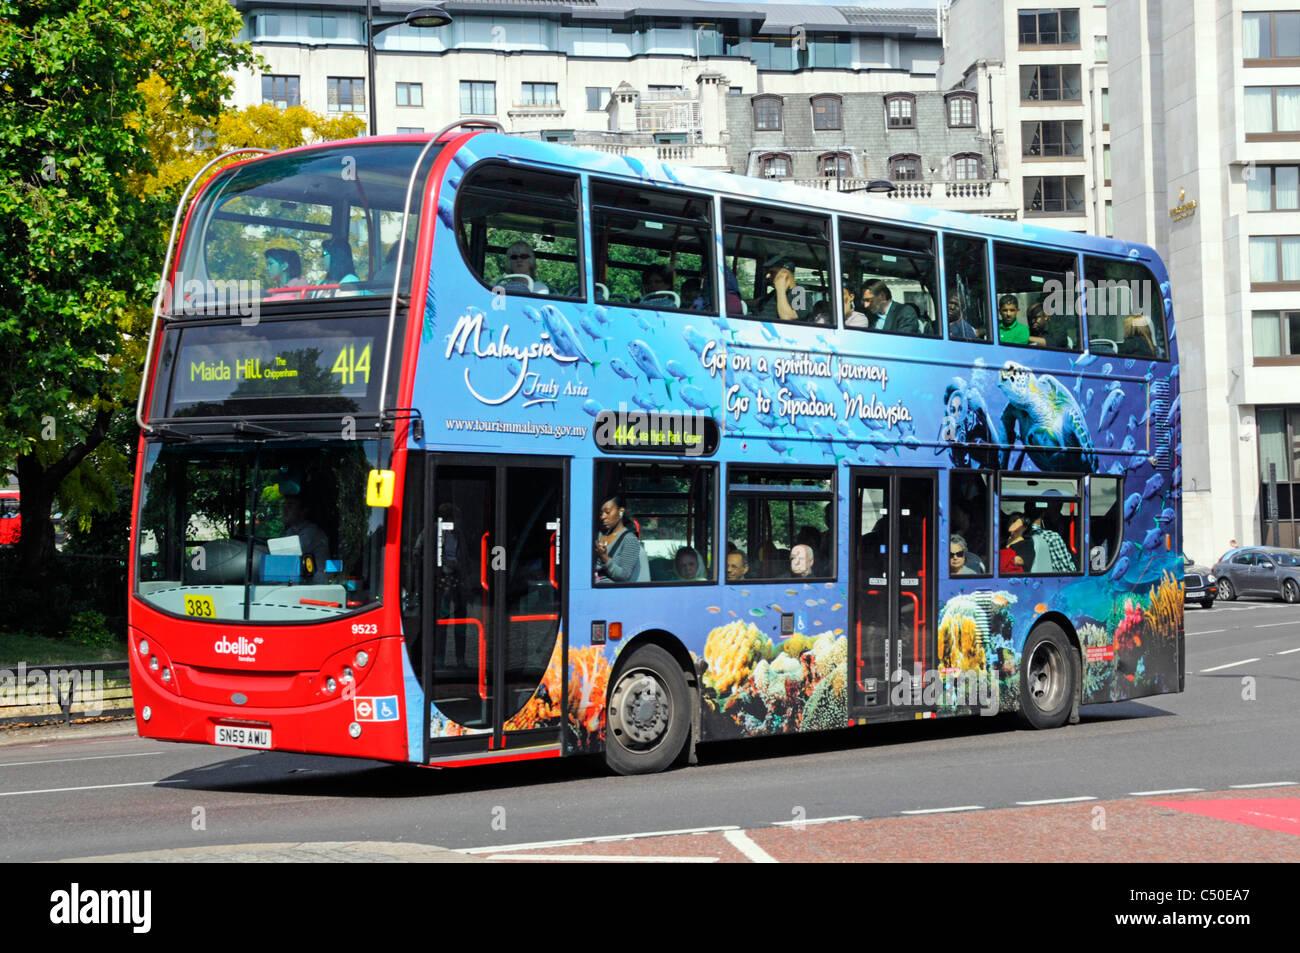 Publicidad en el lateral de la London double decker bus promoción Malasia turismo con colorido diseño Imagen De Stock